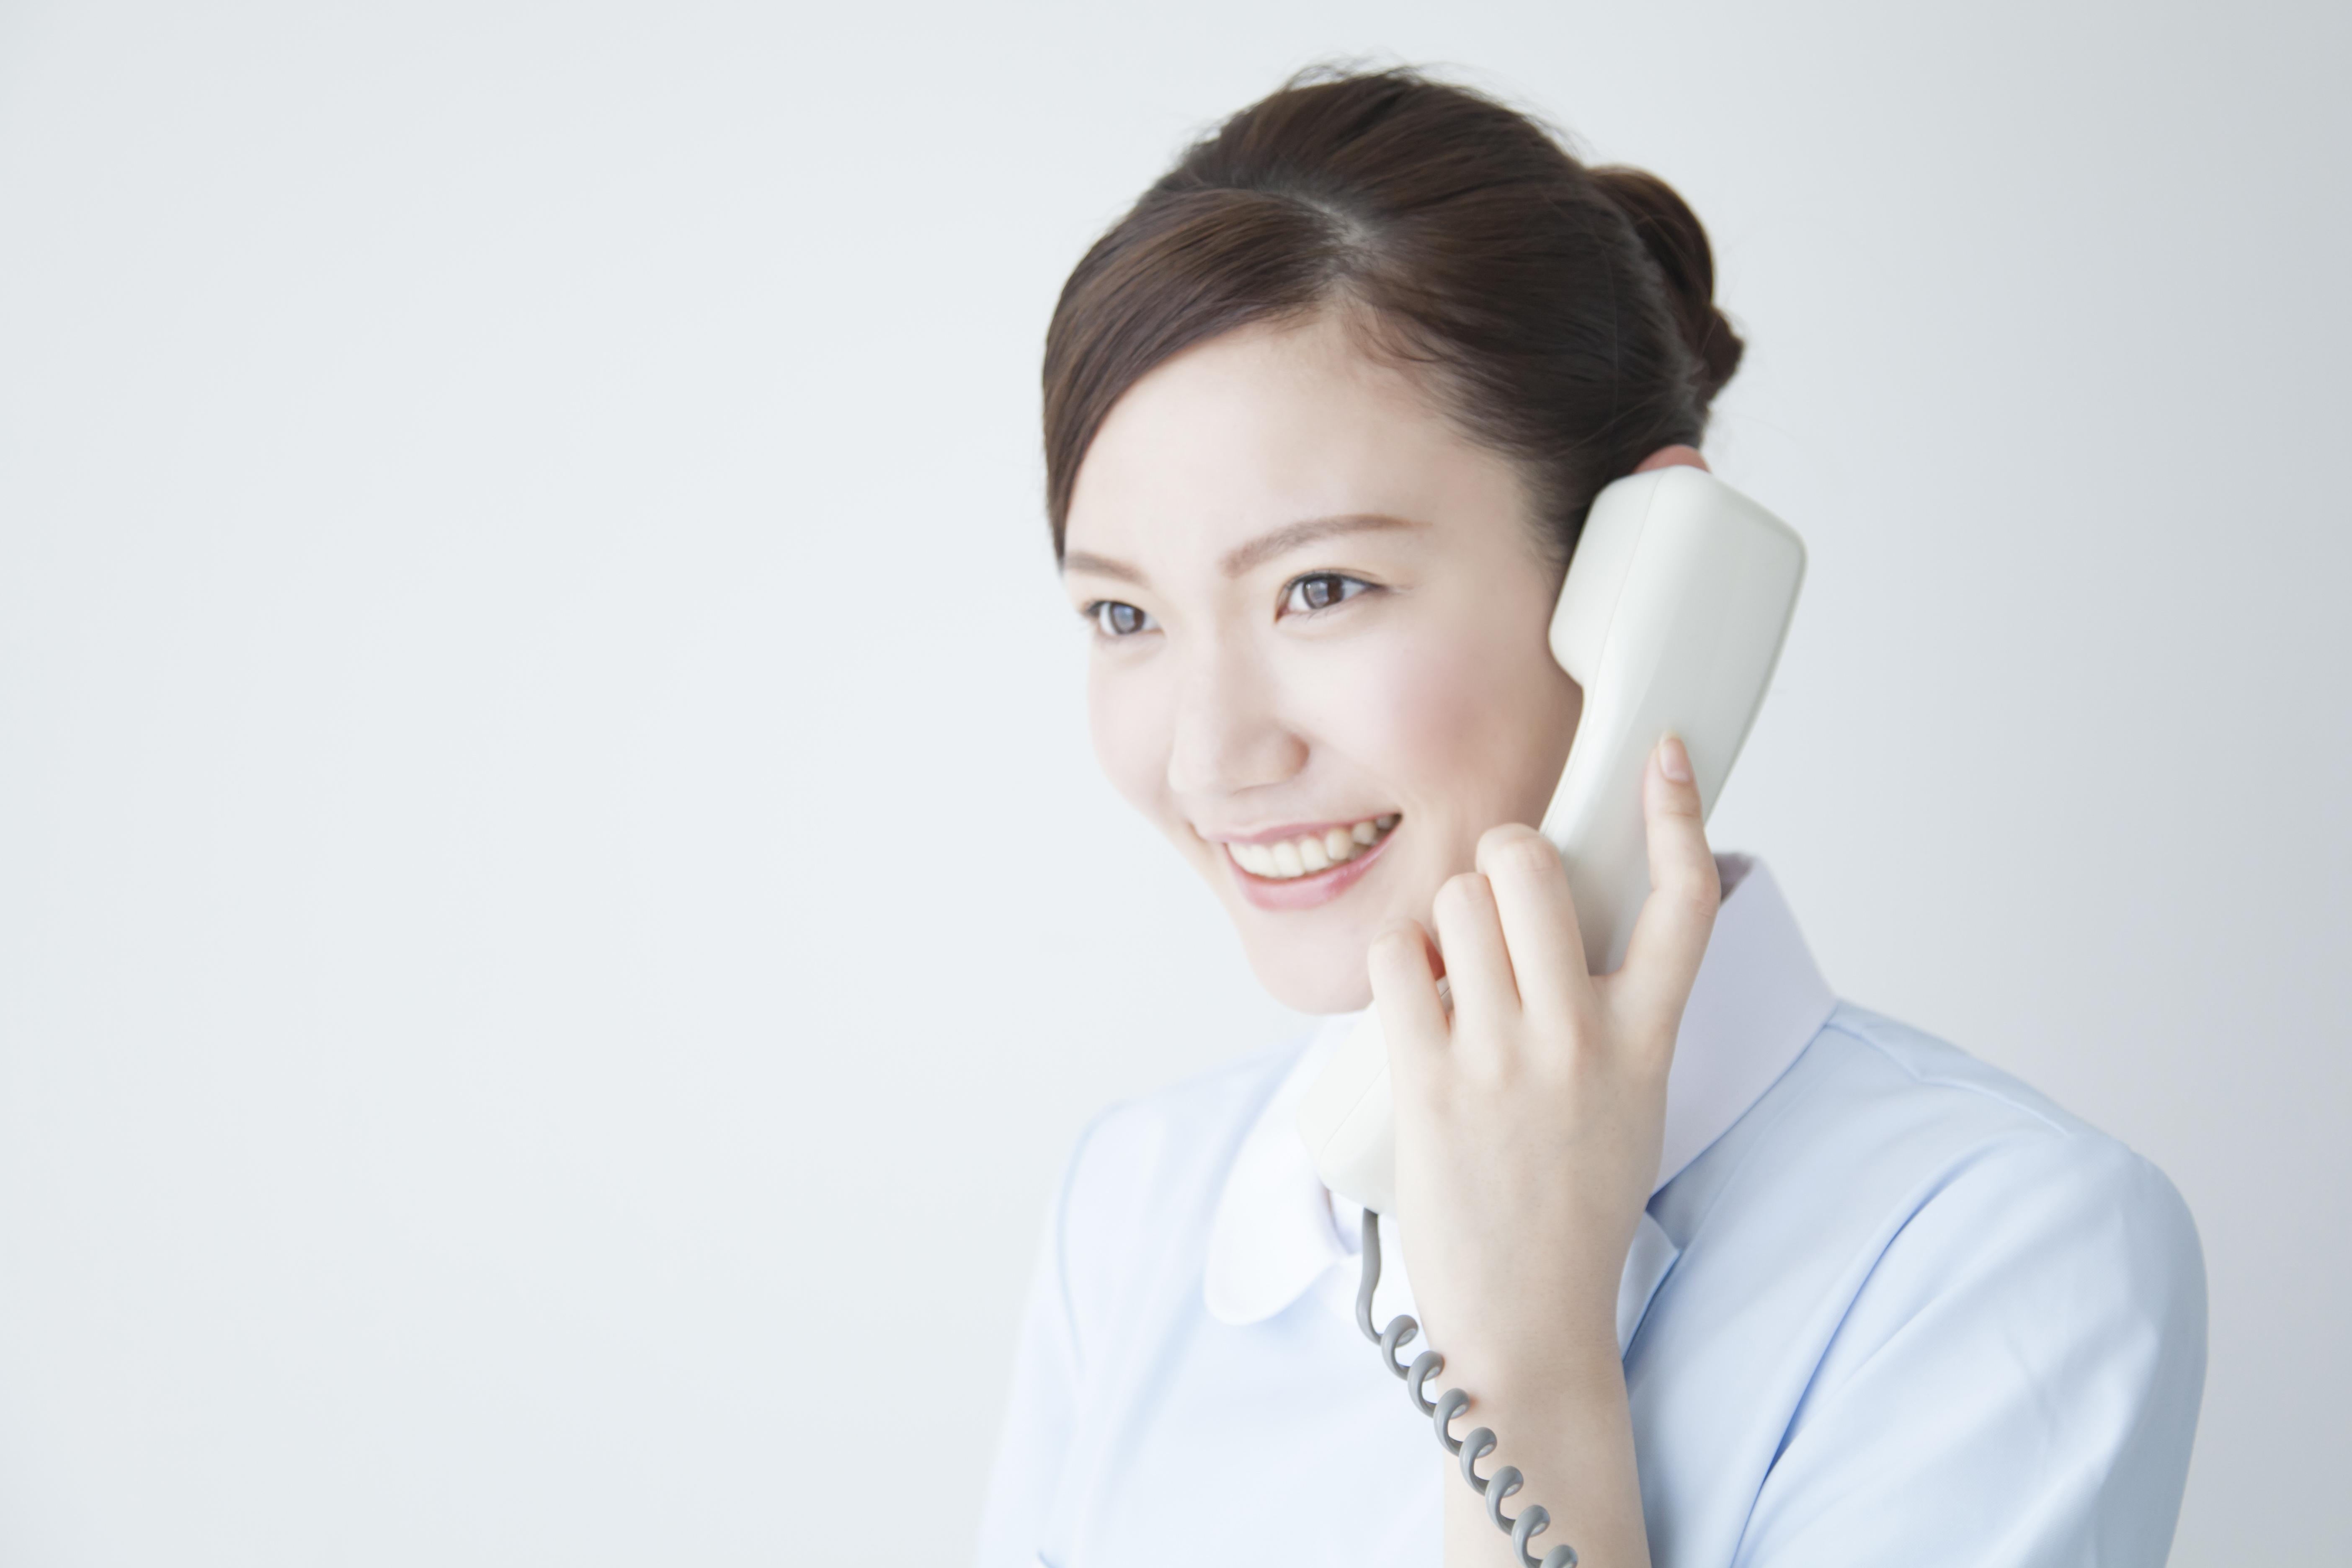 コールセンターの平均応答時間とは?